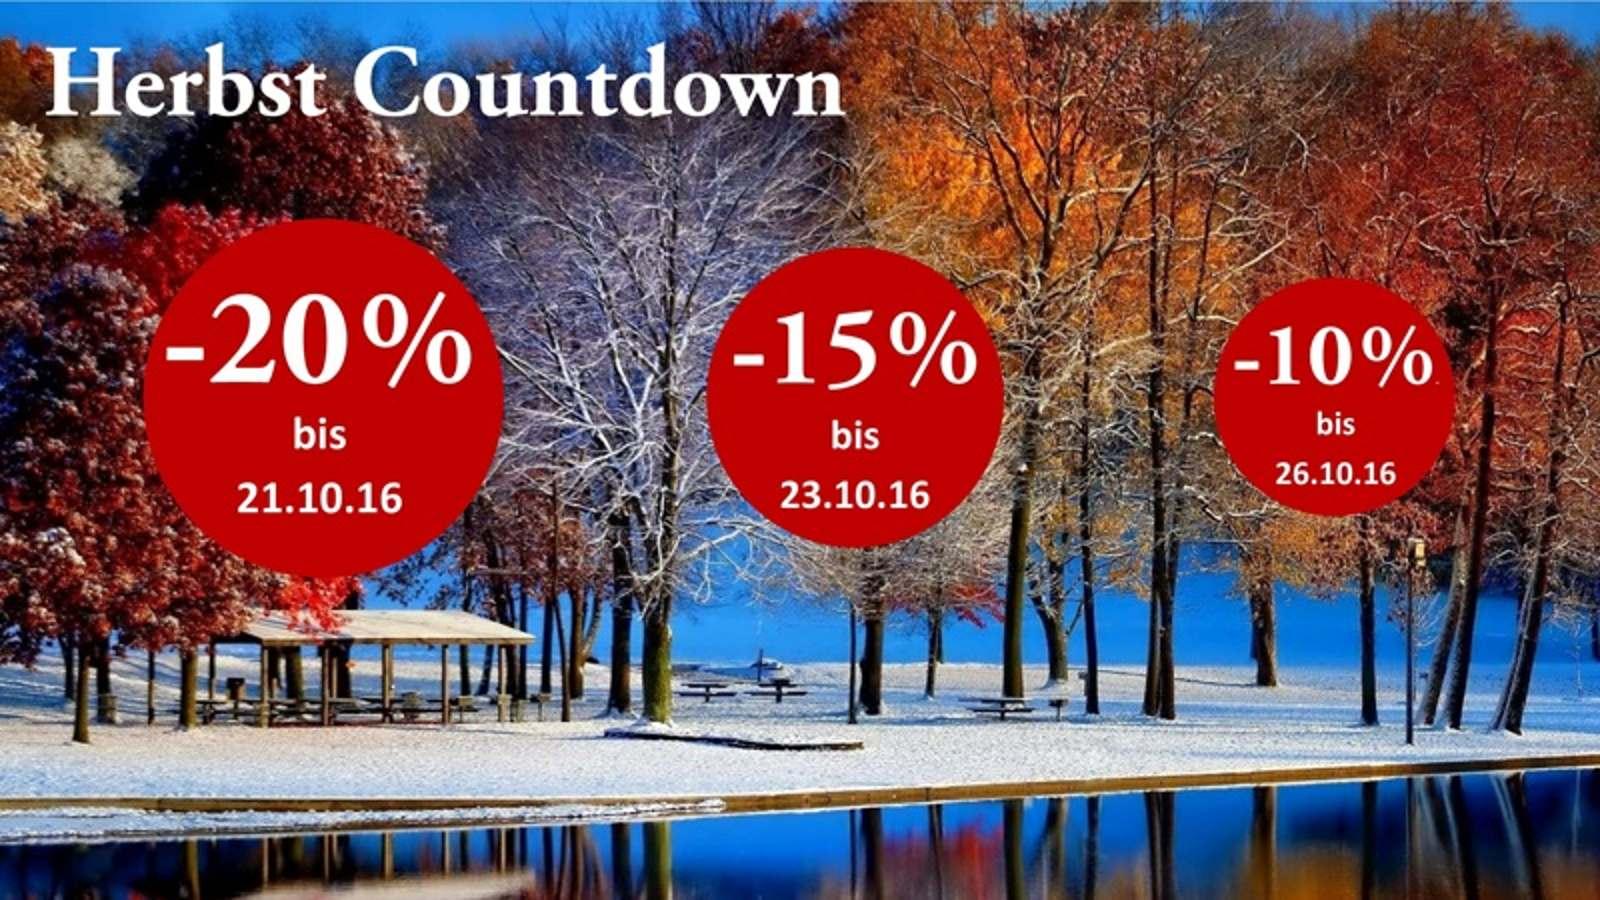 20% - 15% - 10% - Schnell sein, lohnt sich!